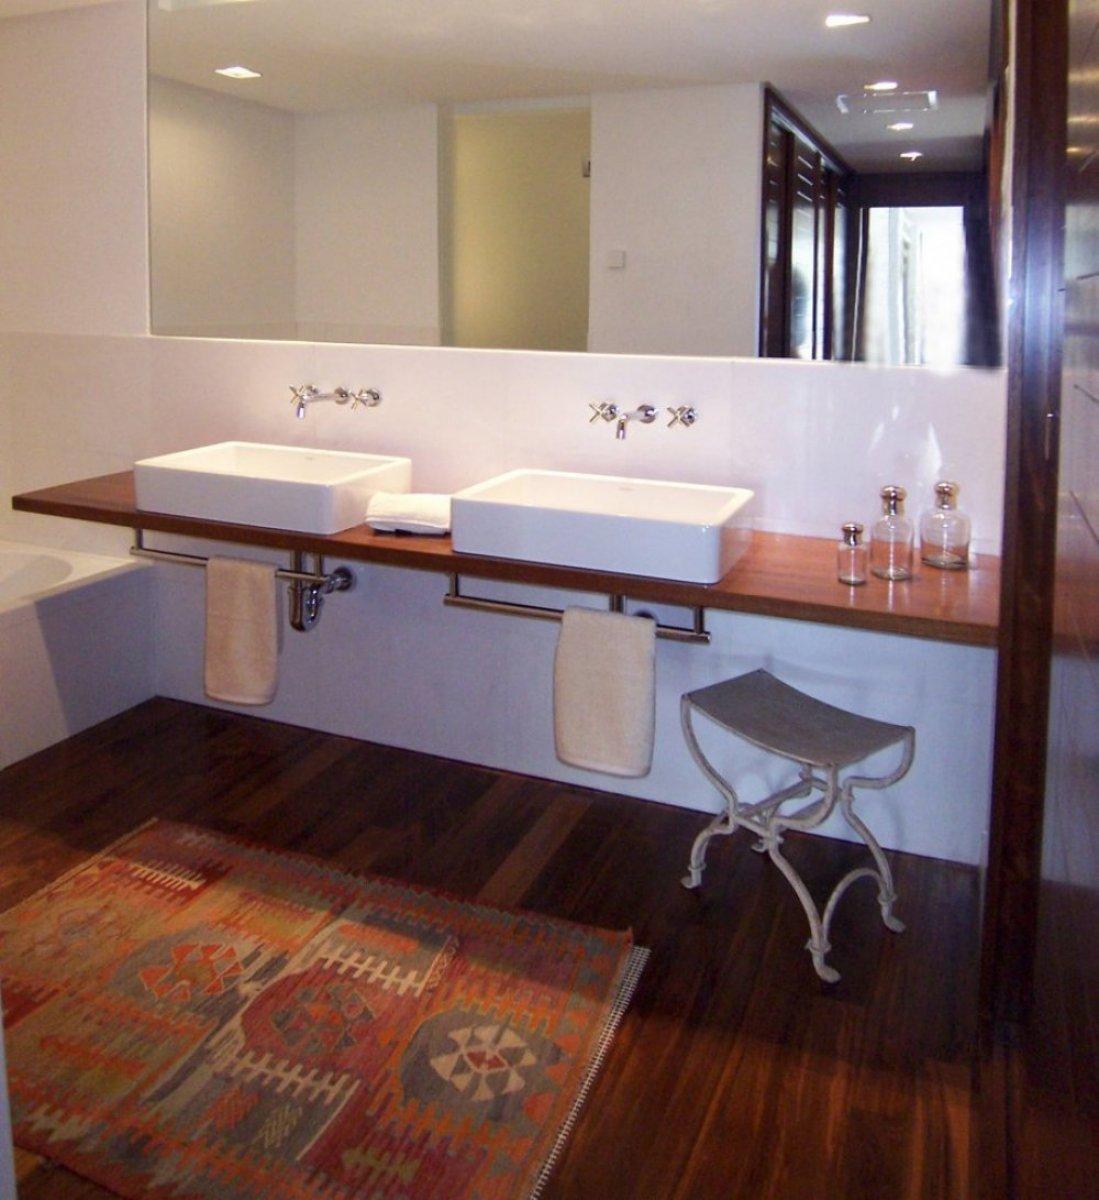 musterwohnung ullibel ihr spezialistenteam f r exklusive luxusprojekte f r inneneinrichtung. Black Bedroom Furniture Sets. Home Design Ideas